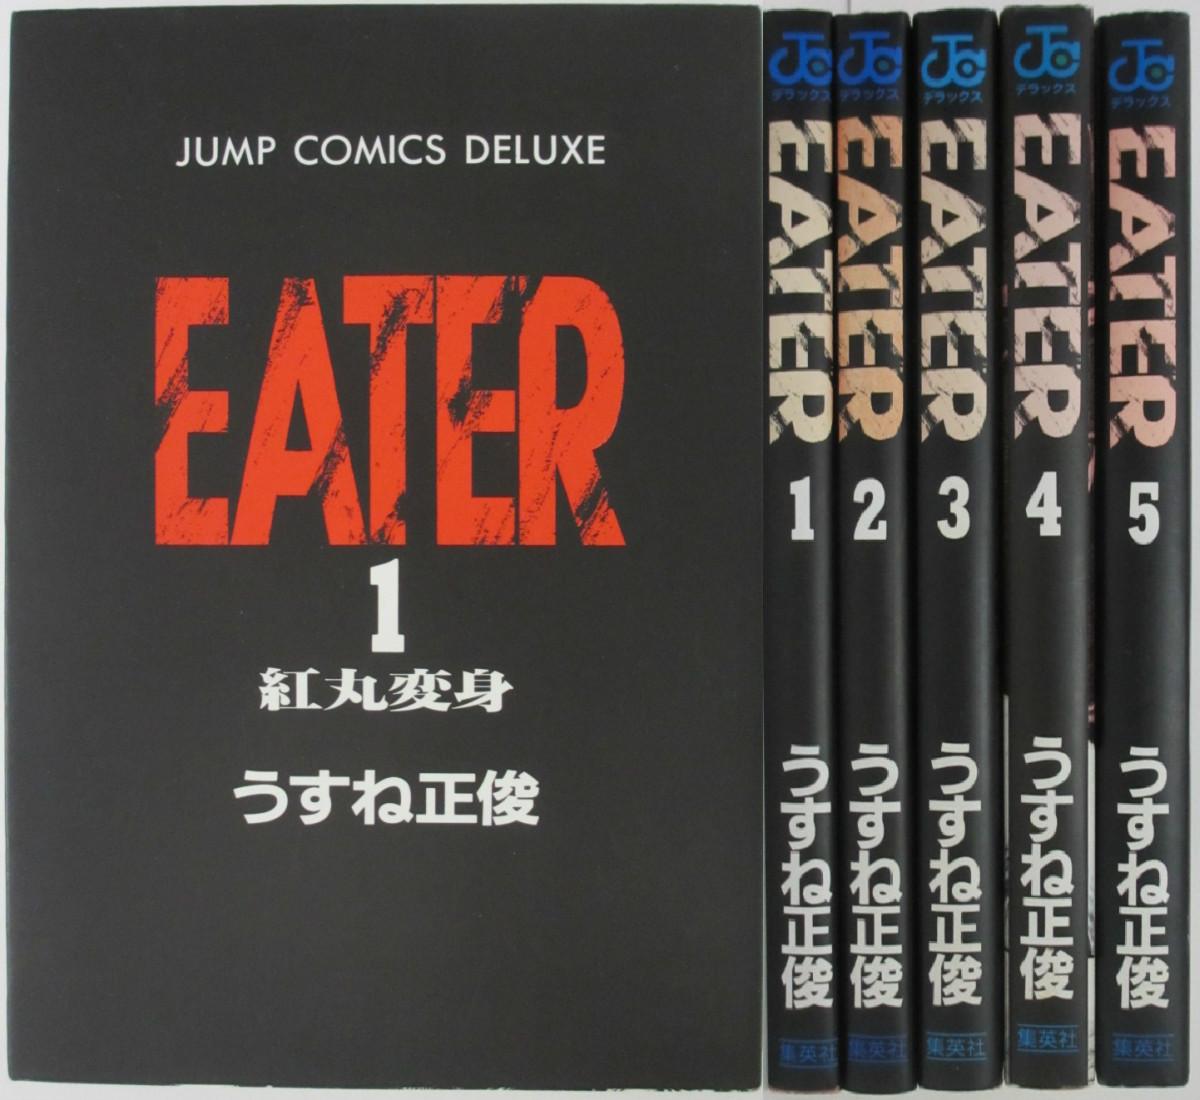 中古コミック 絶品 海外 EATER 全巻セット 1-5巻 うすね正俊